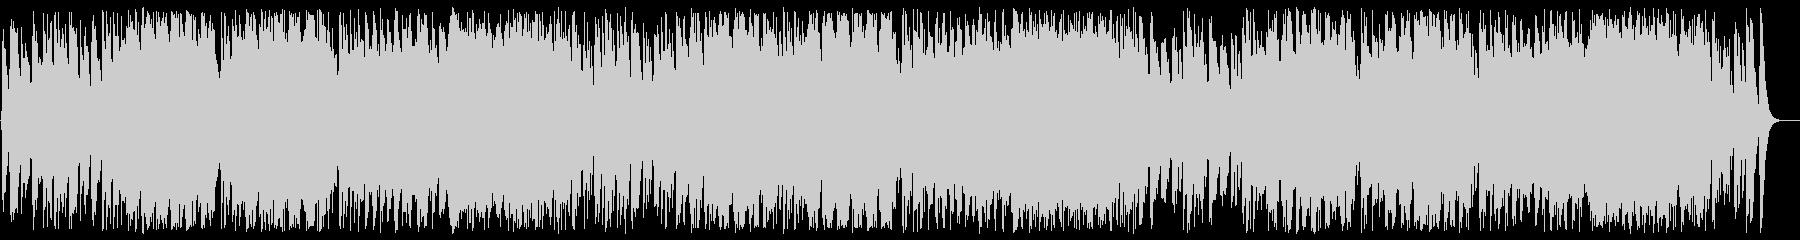 ディンドン空高く オルゴール&Str.の未再生の波形